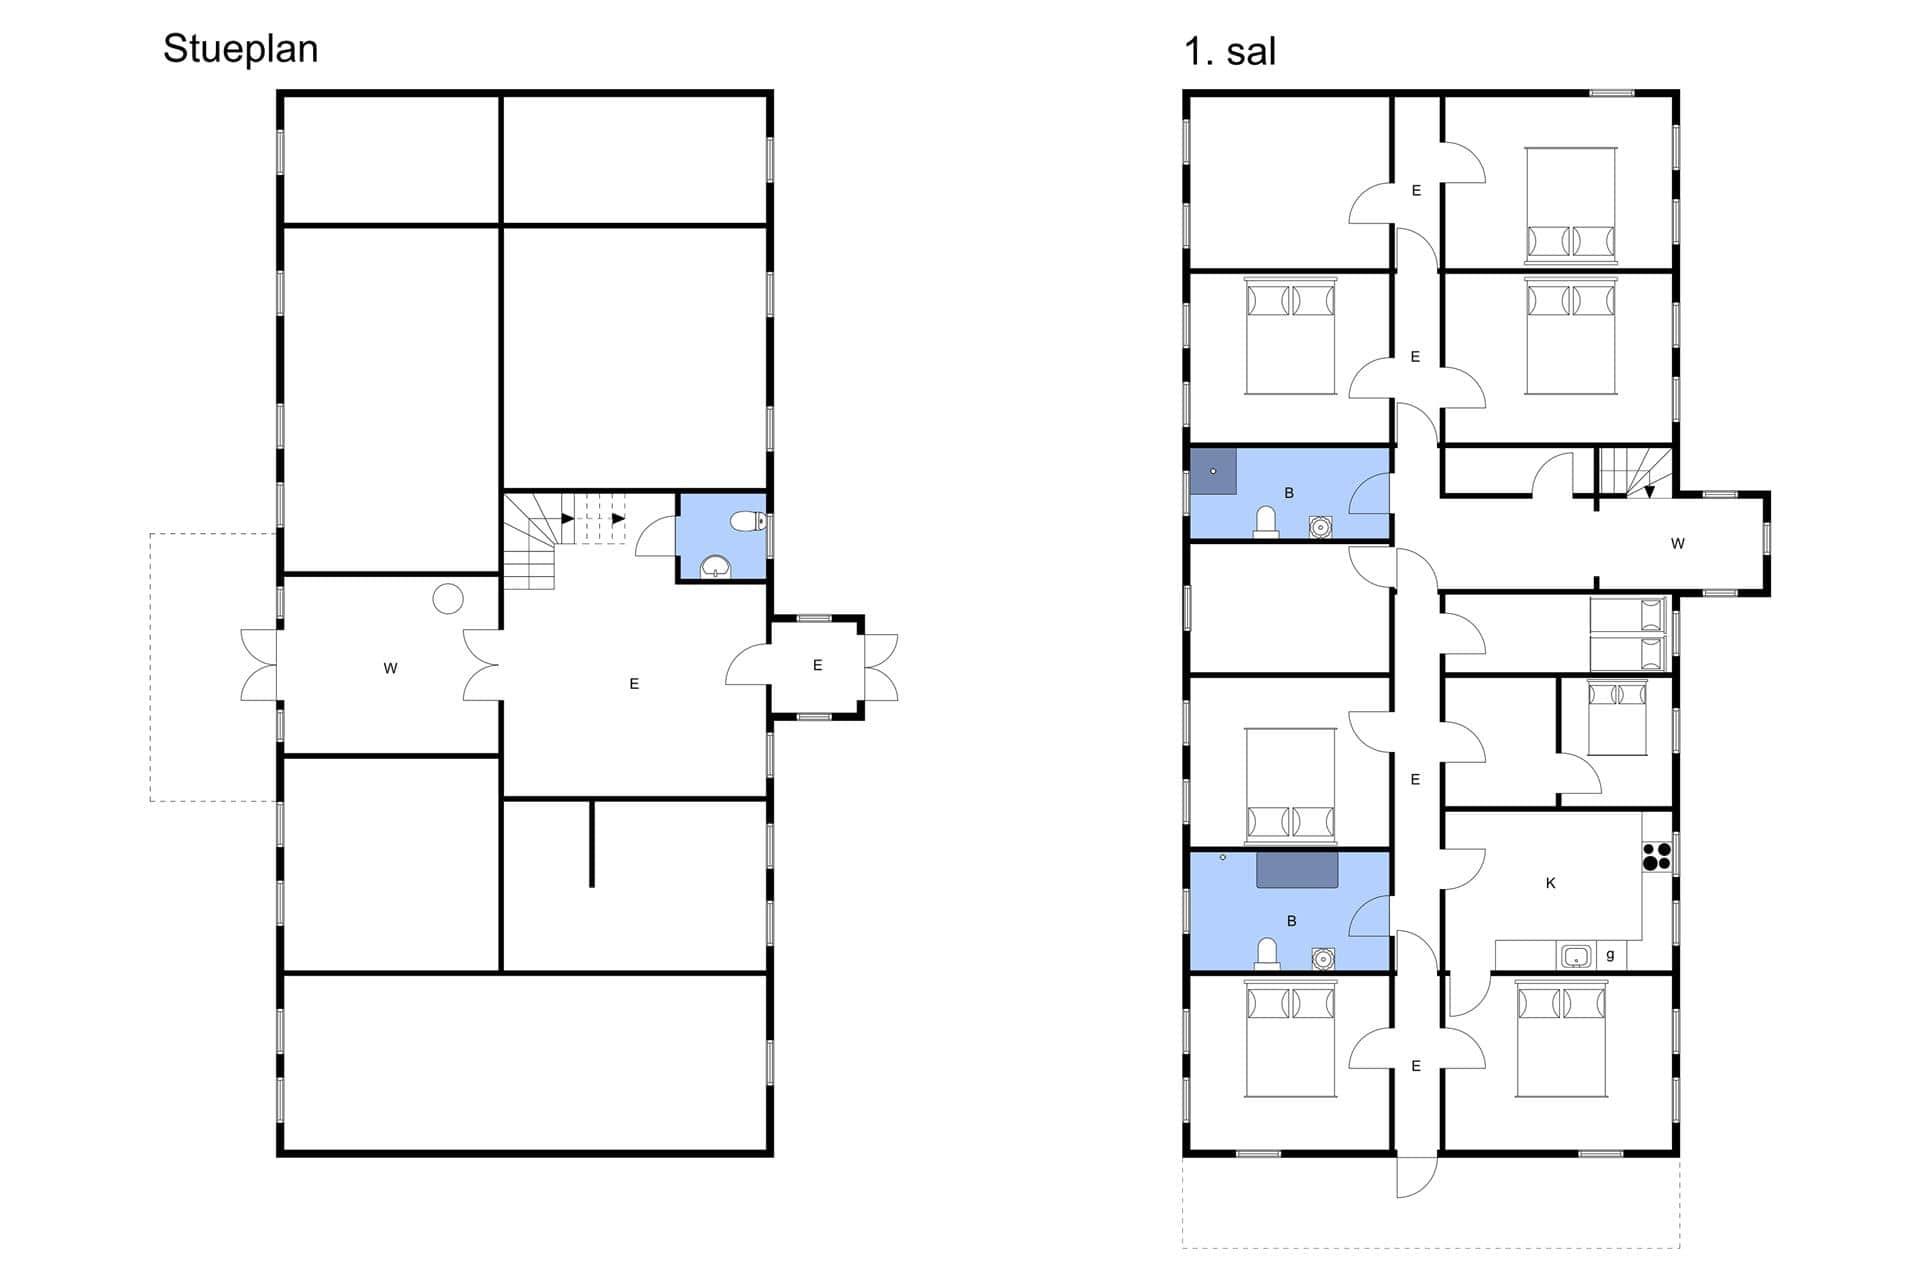 teilurlaub berechnen urlaubstage automatisch berechnen. Black Bedroom Furniture Sets. Home Design Ideas